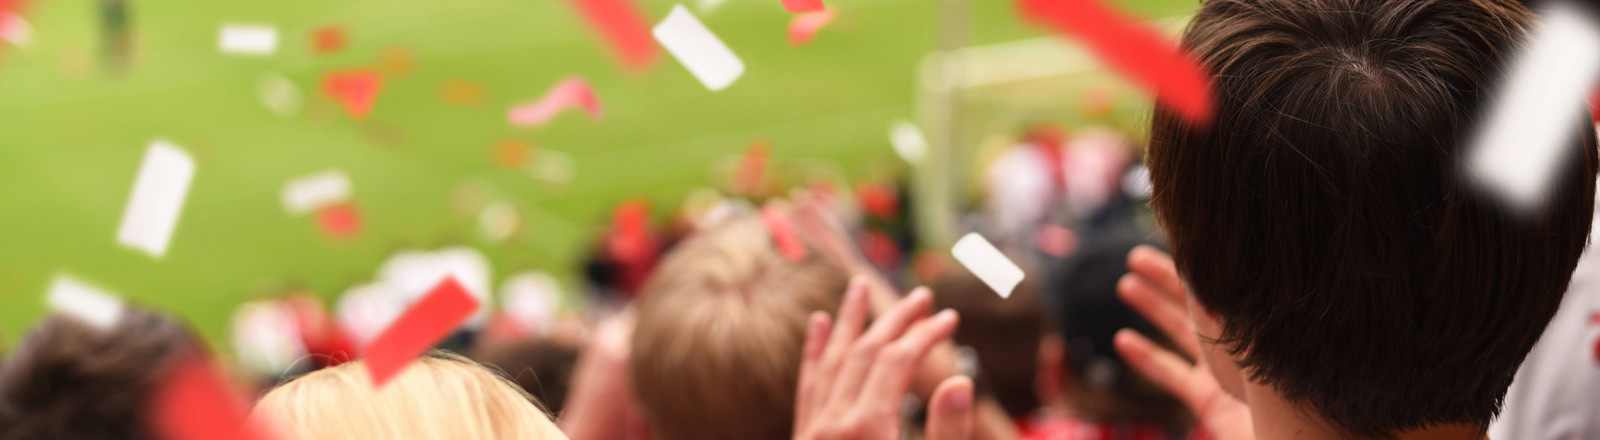 Ein Fußballspiel im Stadion von Bayern München.